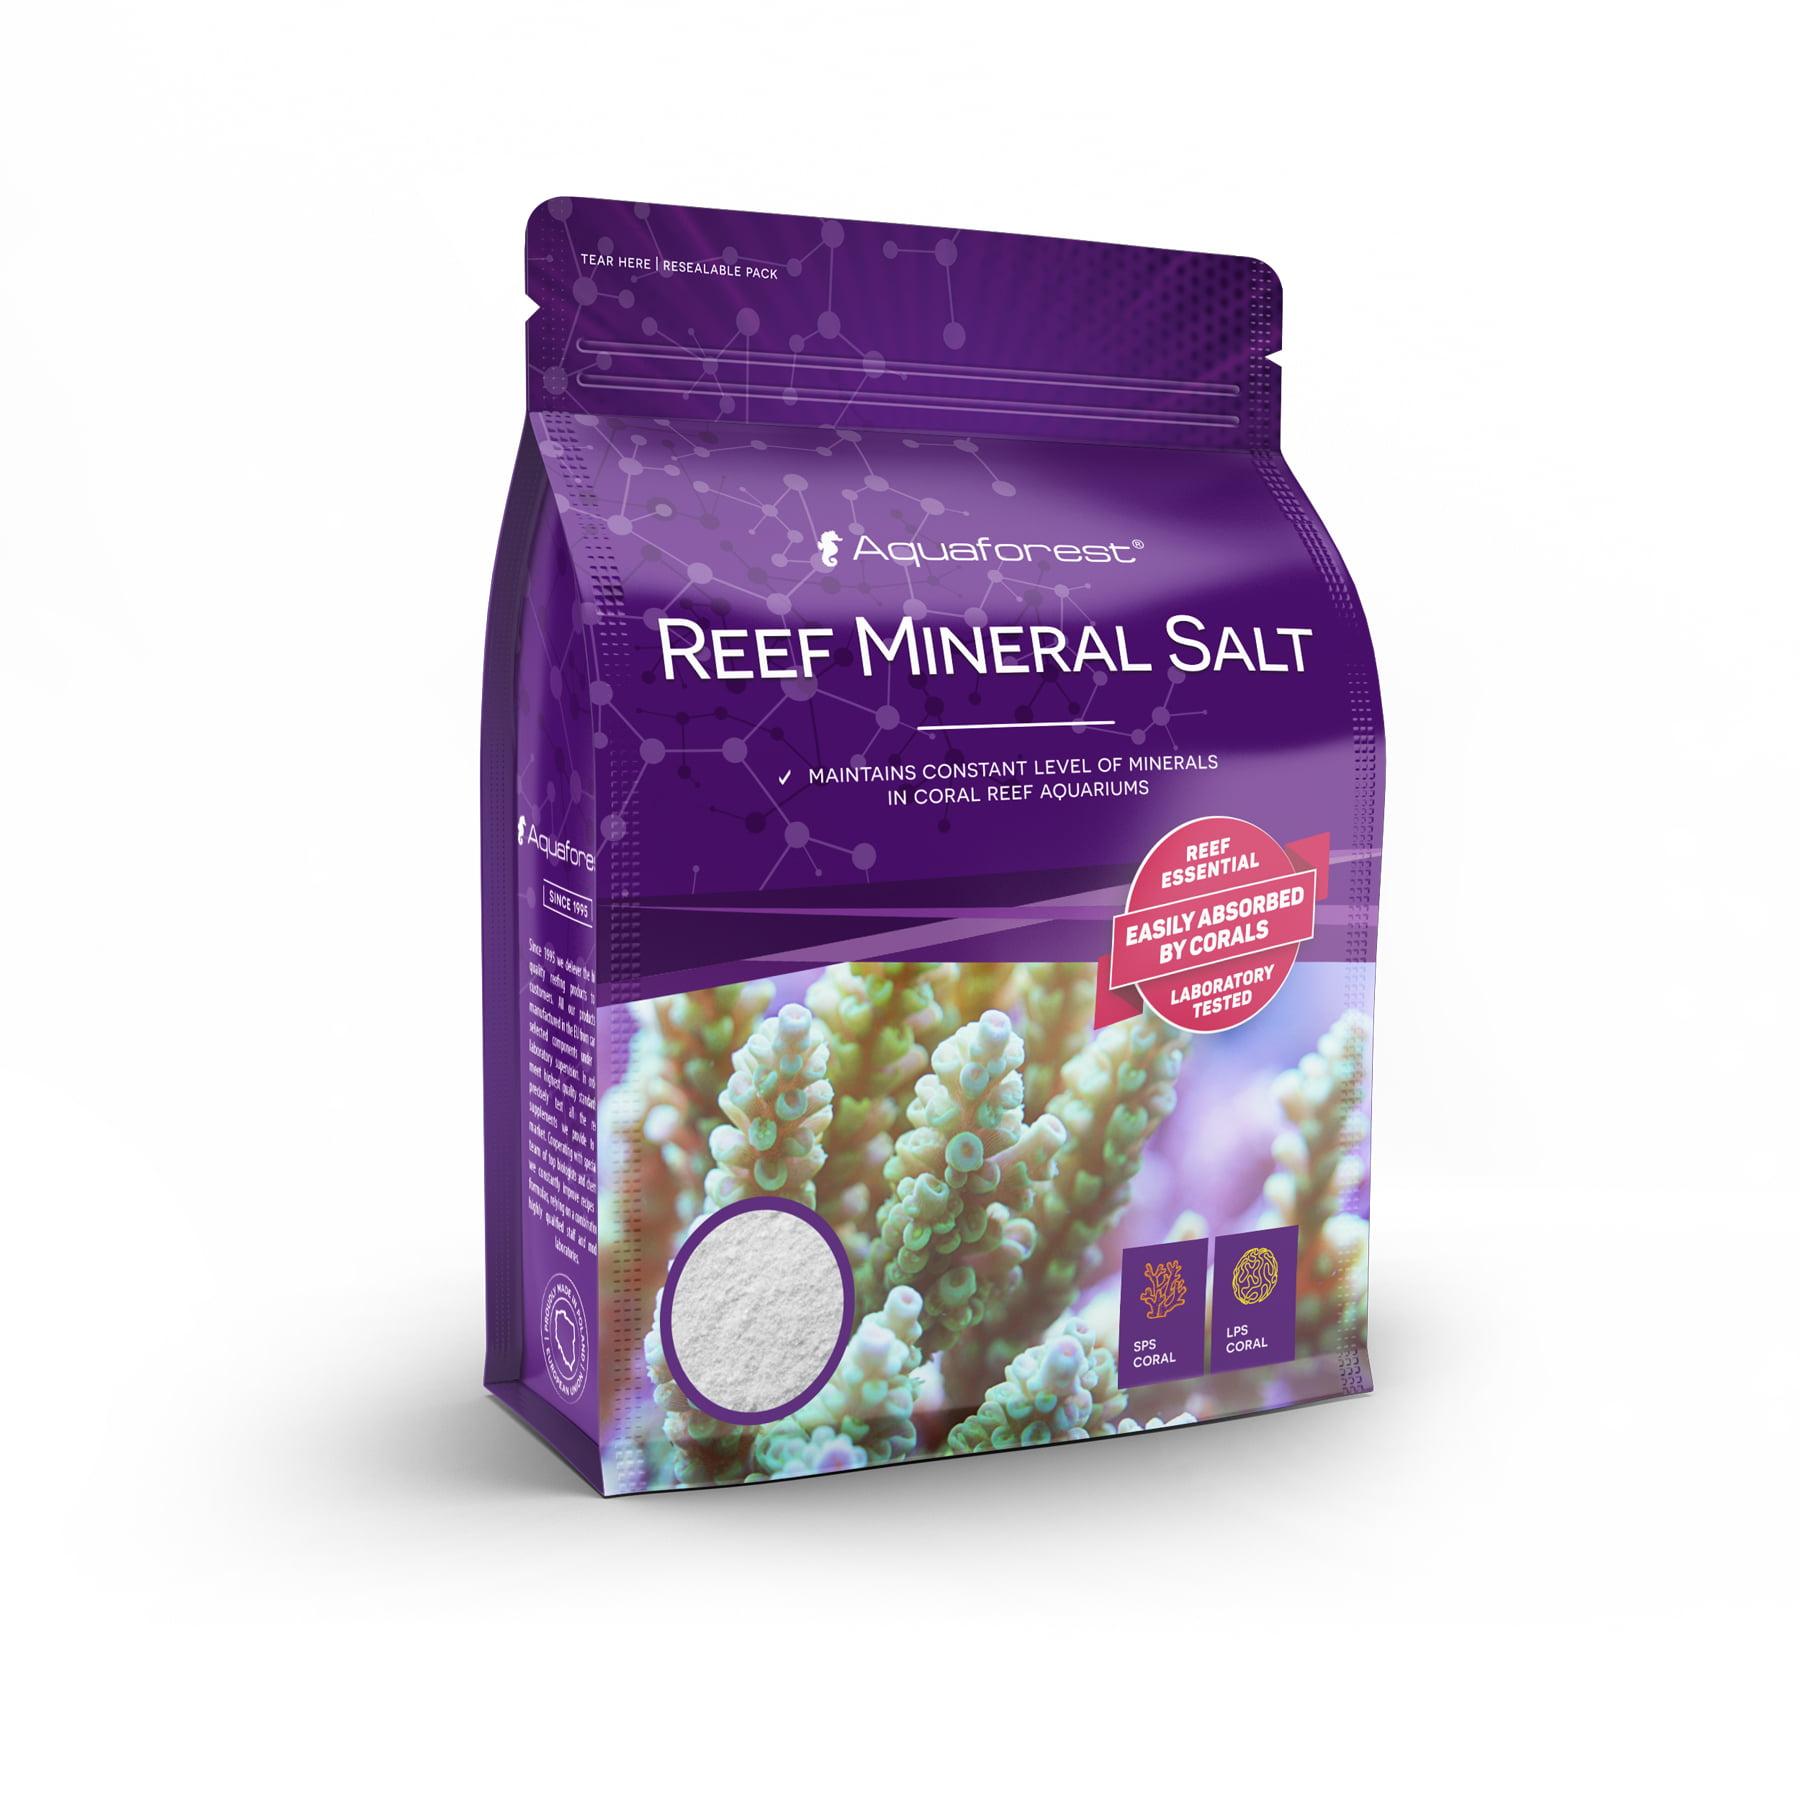 Reef-Mineral-Saltl-mockup_1-kg.jpg